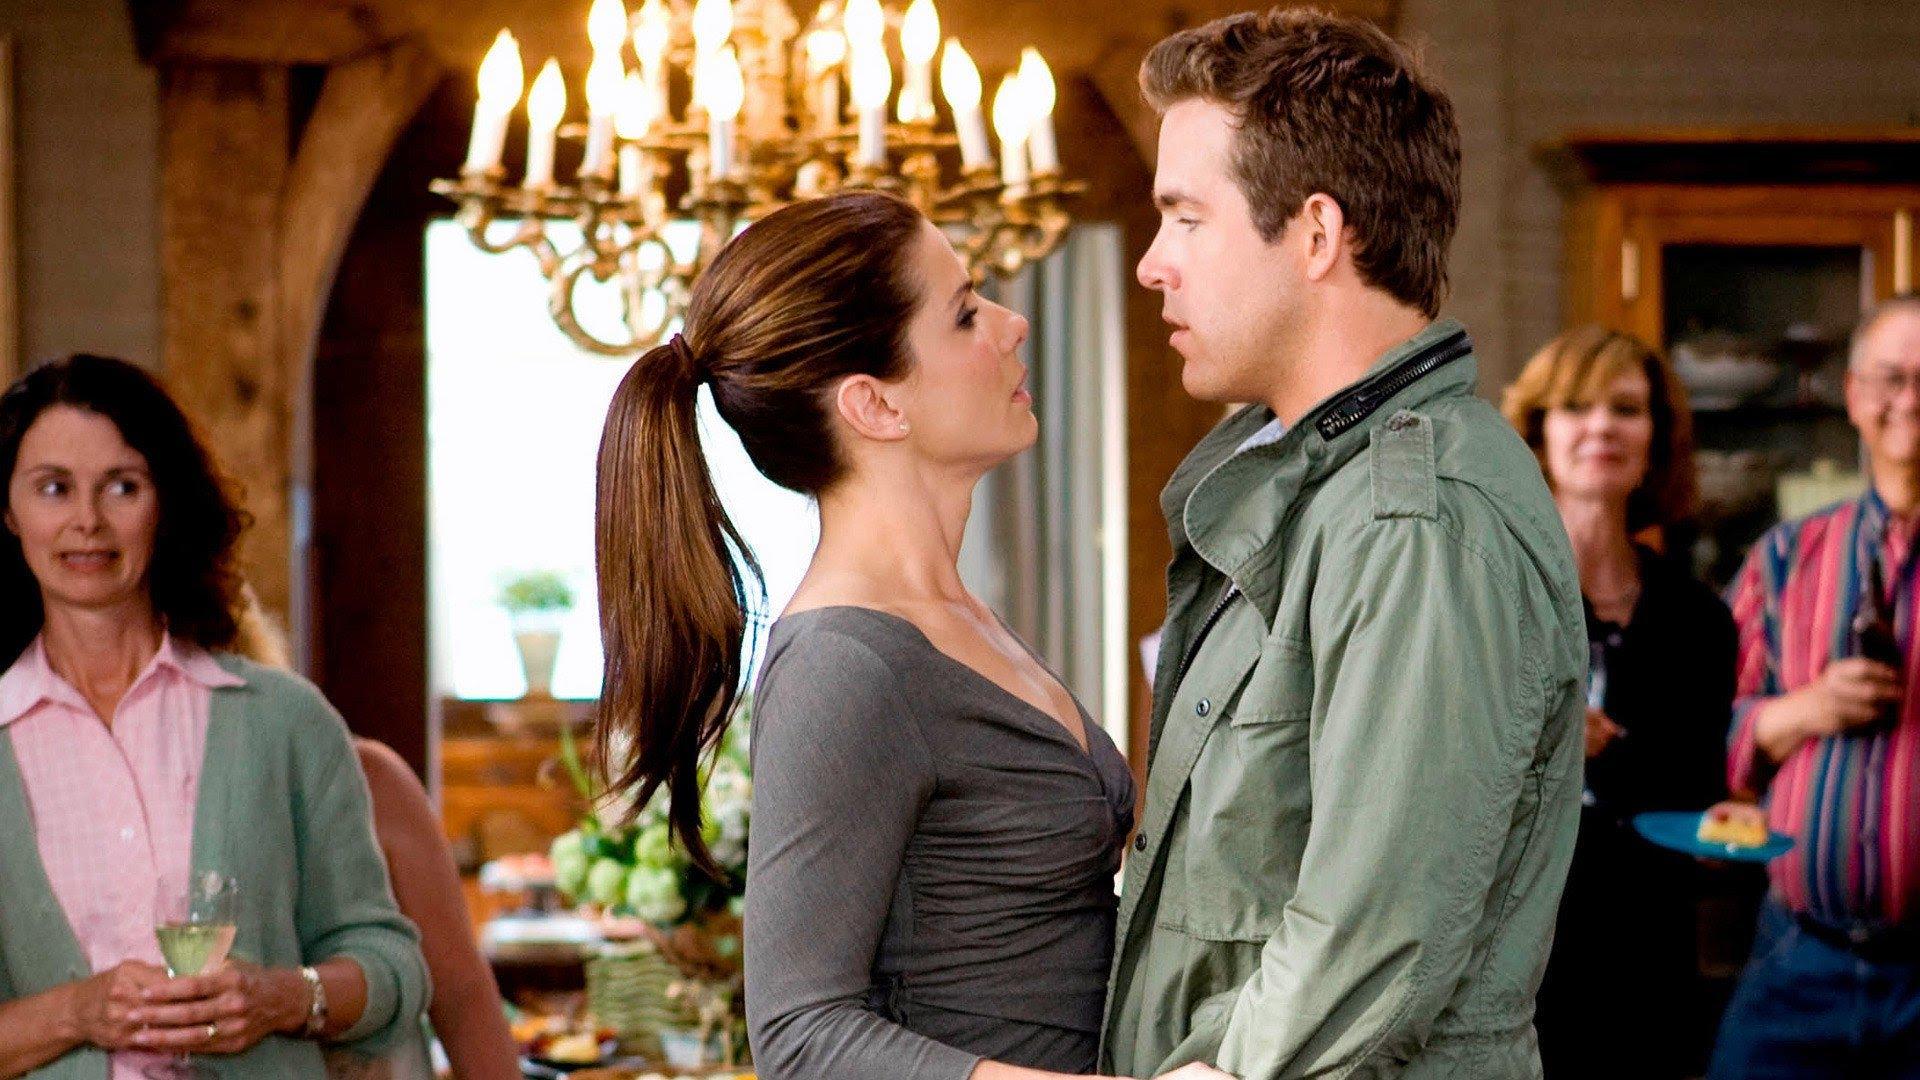 愛是一種感覺,突然就闖進來了,誰也沒辦法說擋就擋。—《愛情限時簽》—我們用電影寫日記